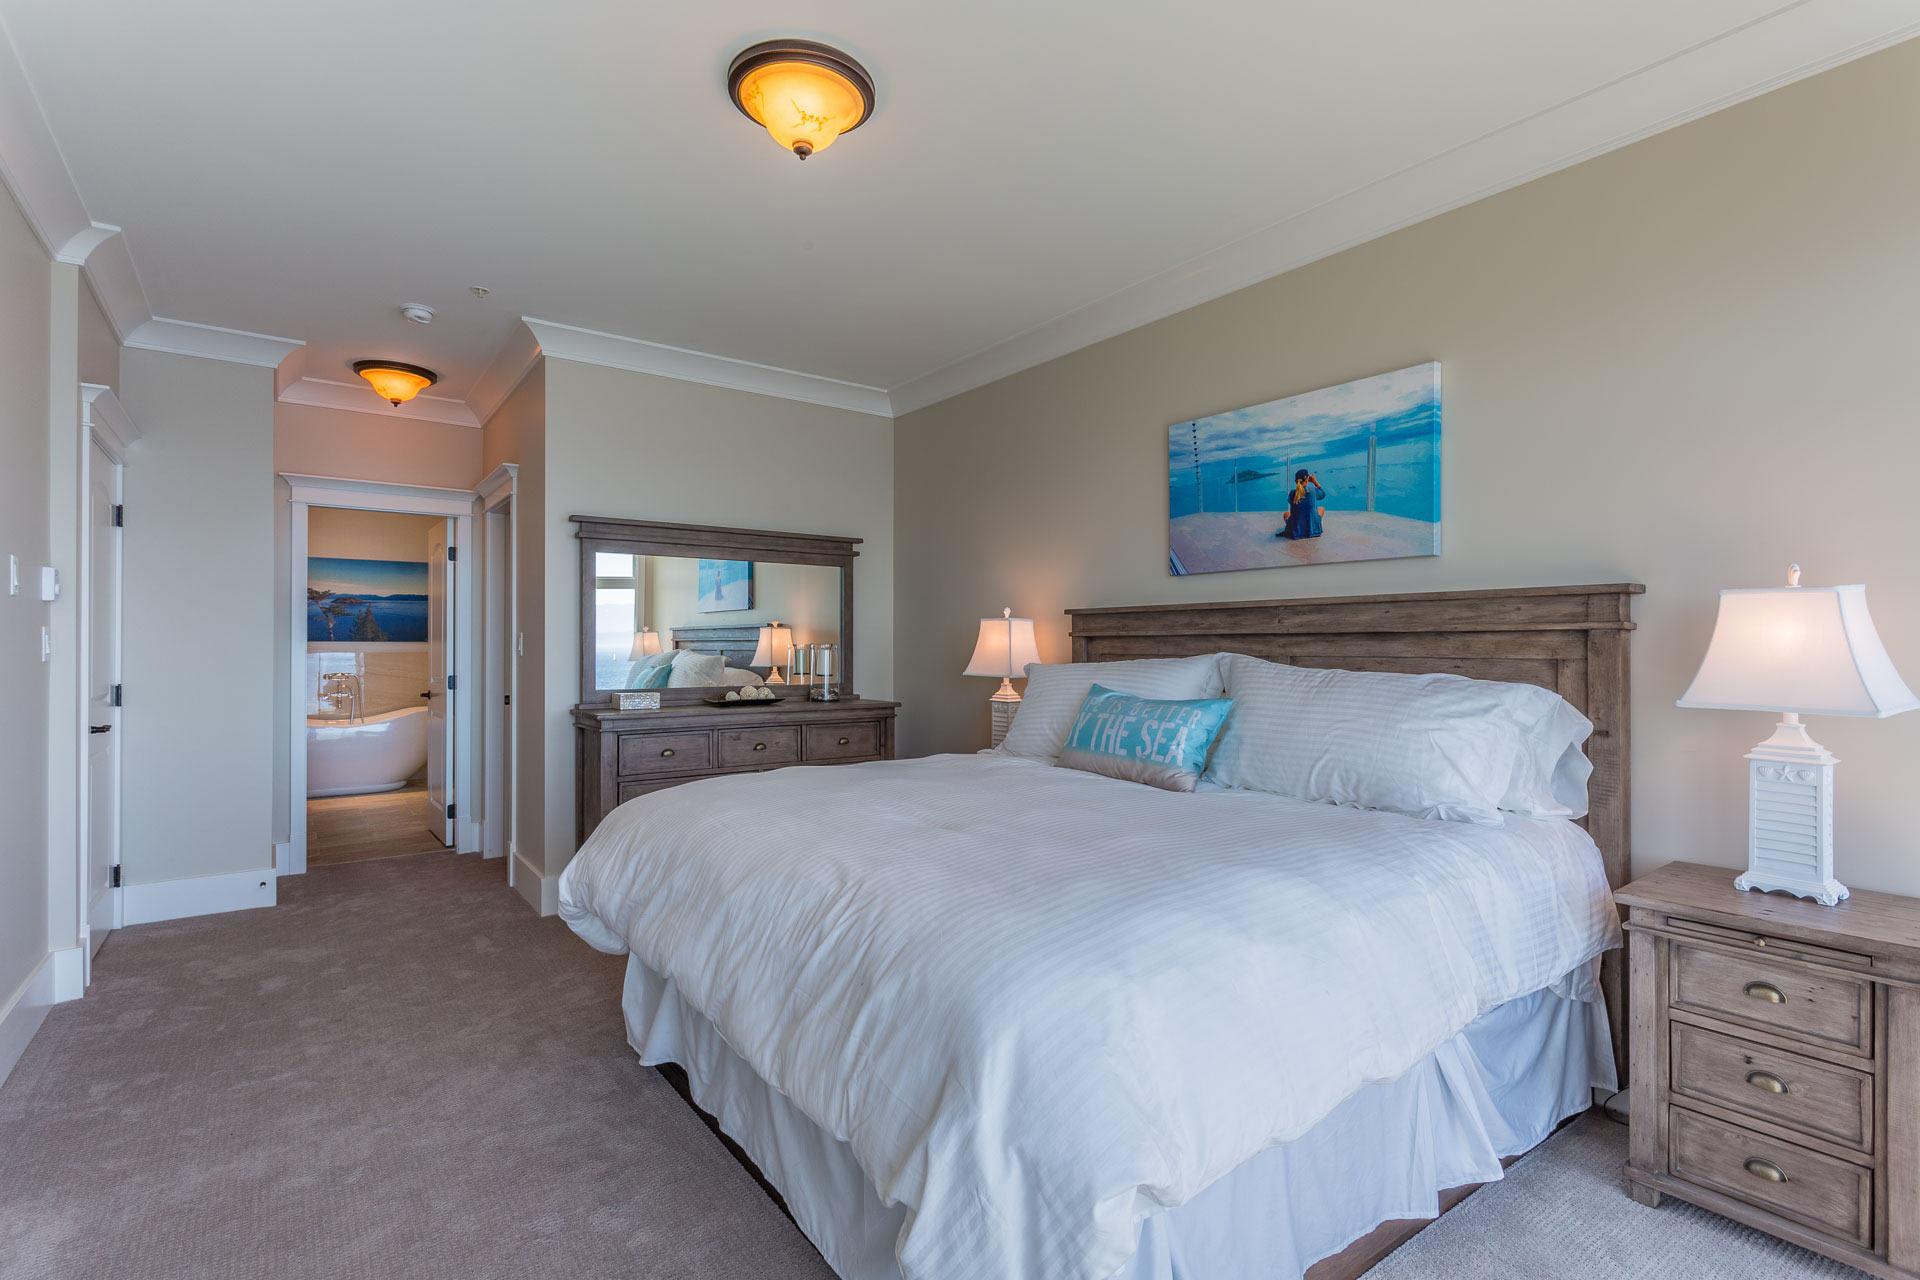 sooke point ocean cottage resort accomodation 1 bedroom cottage